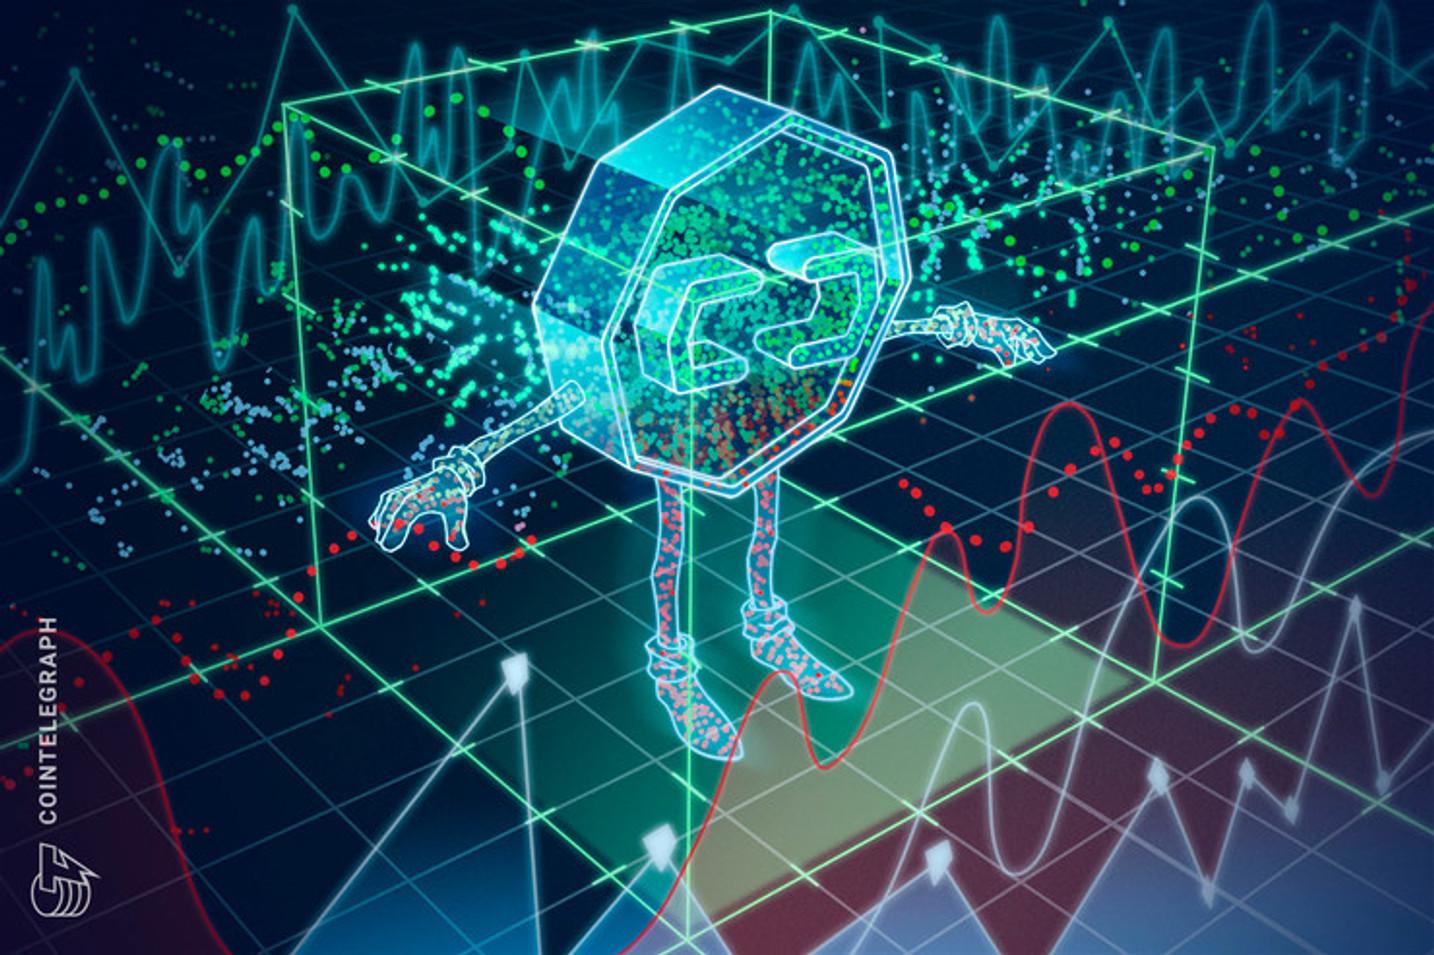 Studie zu Krypto-Datenanbietern: Bereits mehr als 40 globale Datendienstleister aktiv